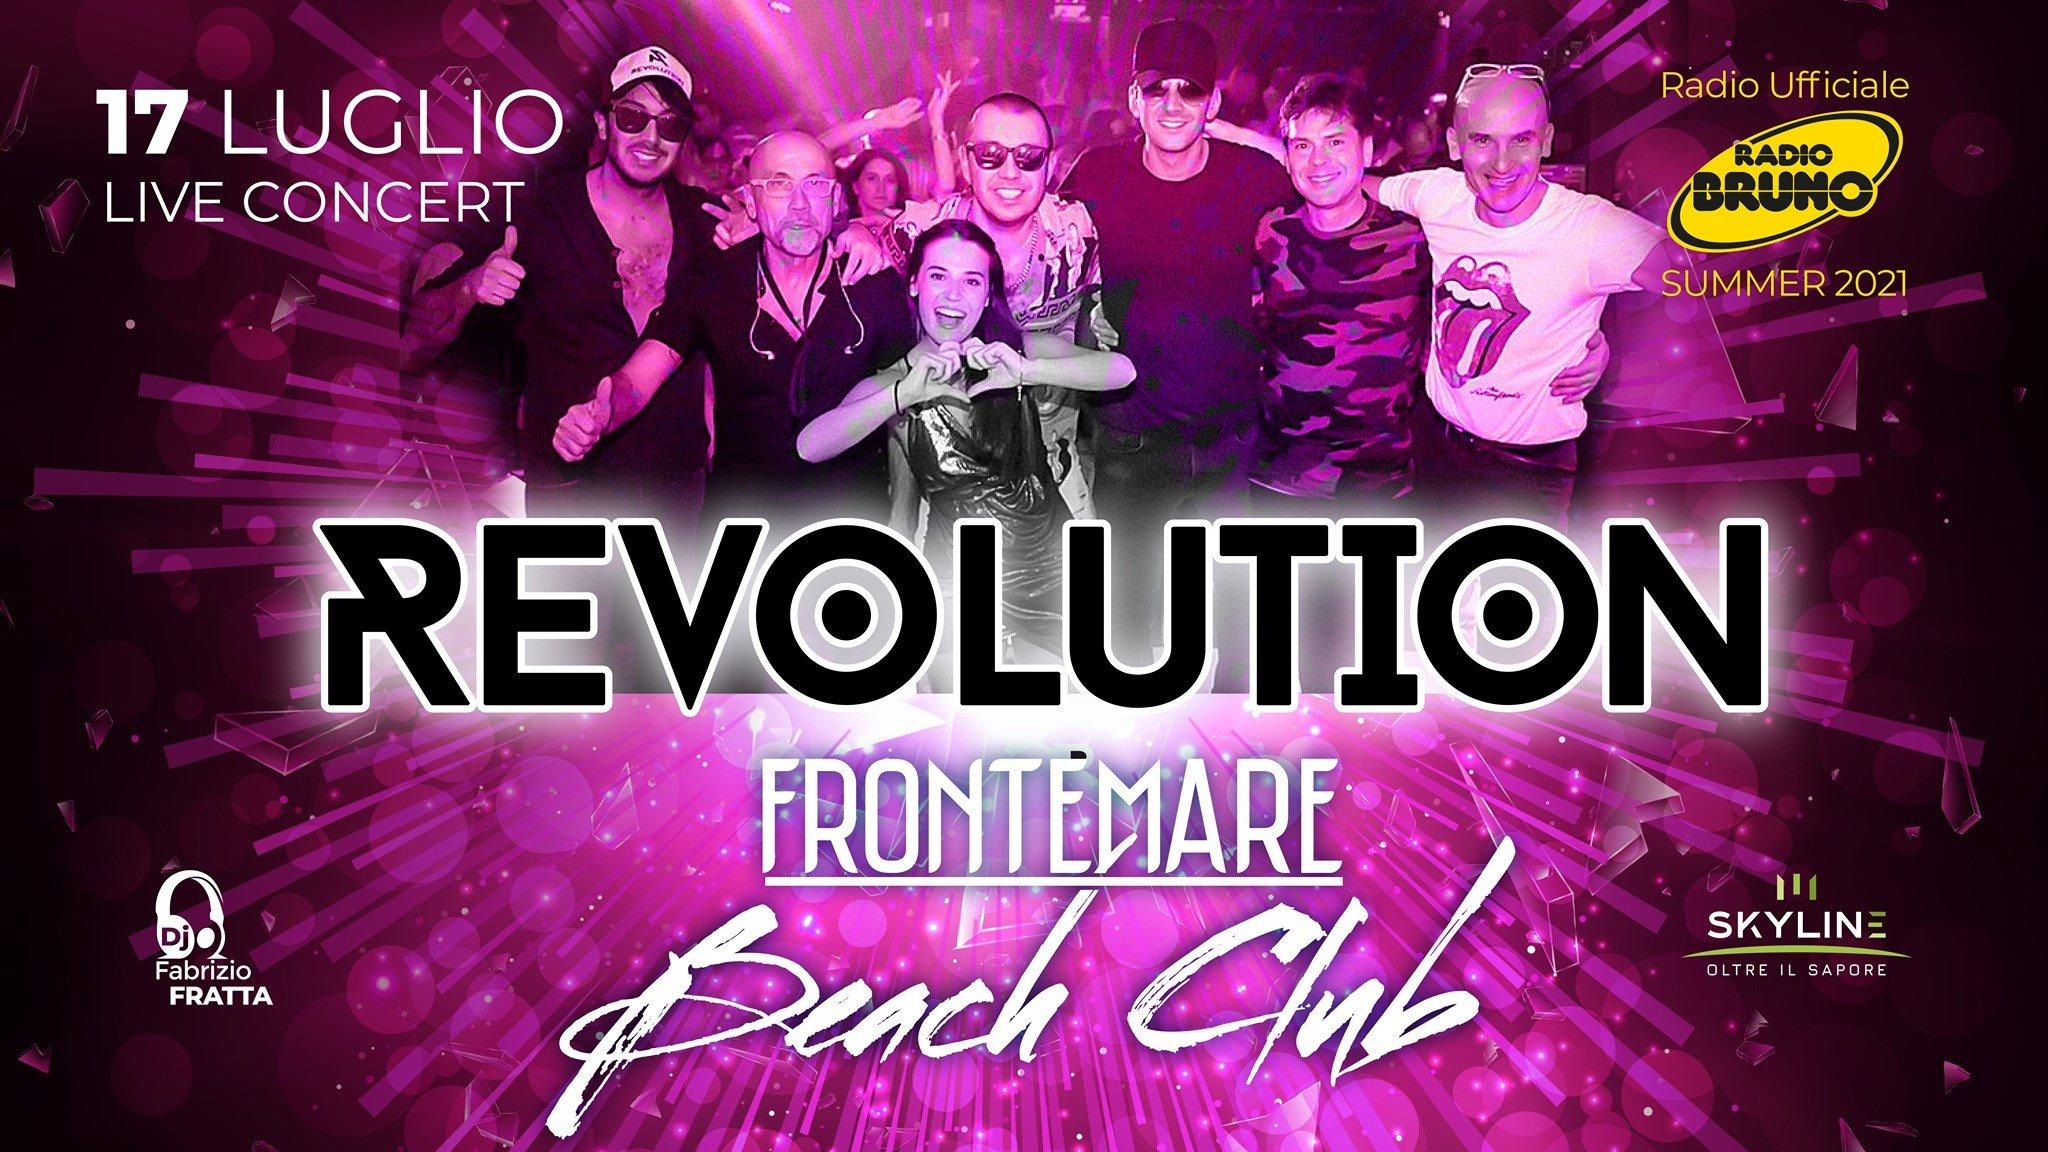 Frontemare Rimini, i Revolution live